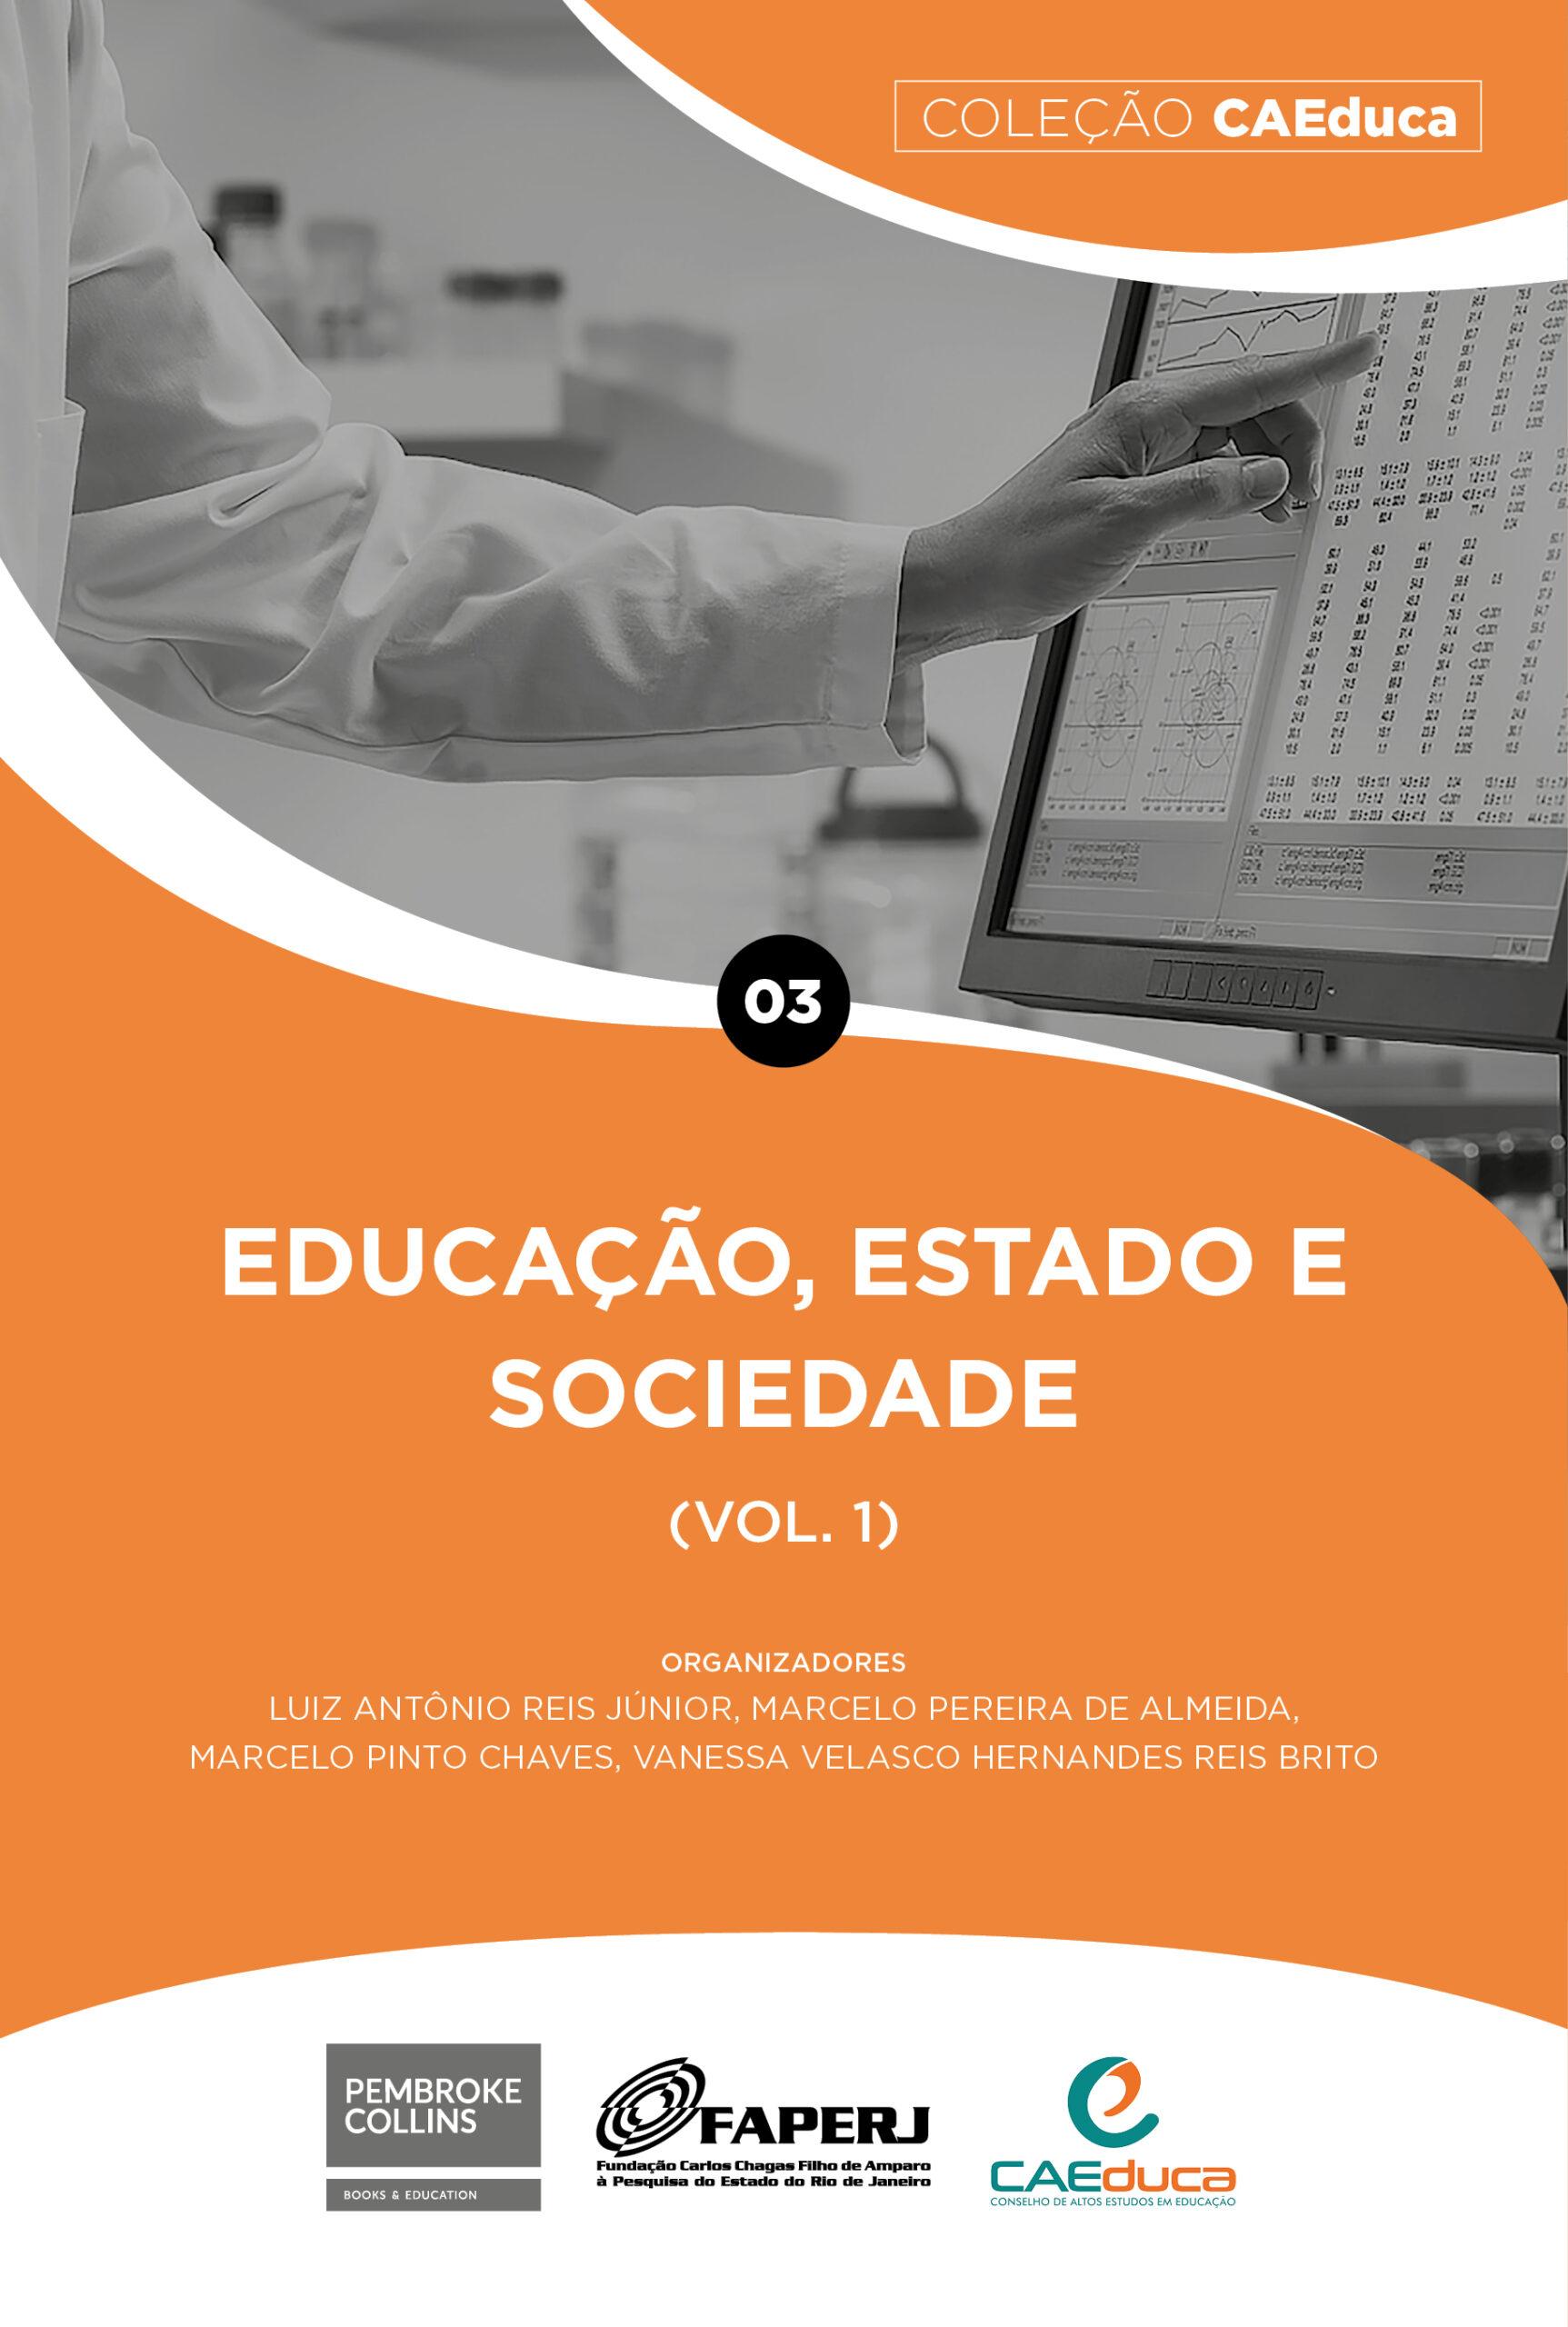 educacao-estado-e-sociedade-vol-1-caeduca